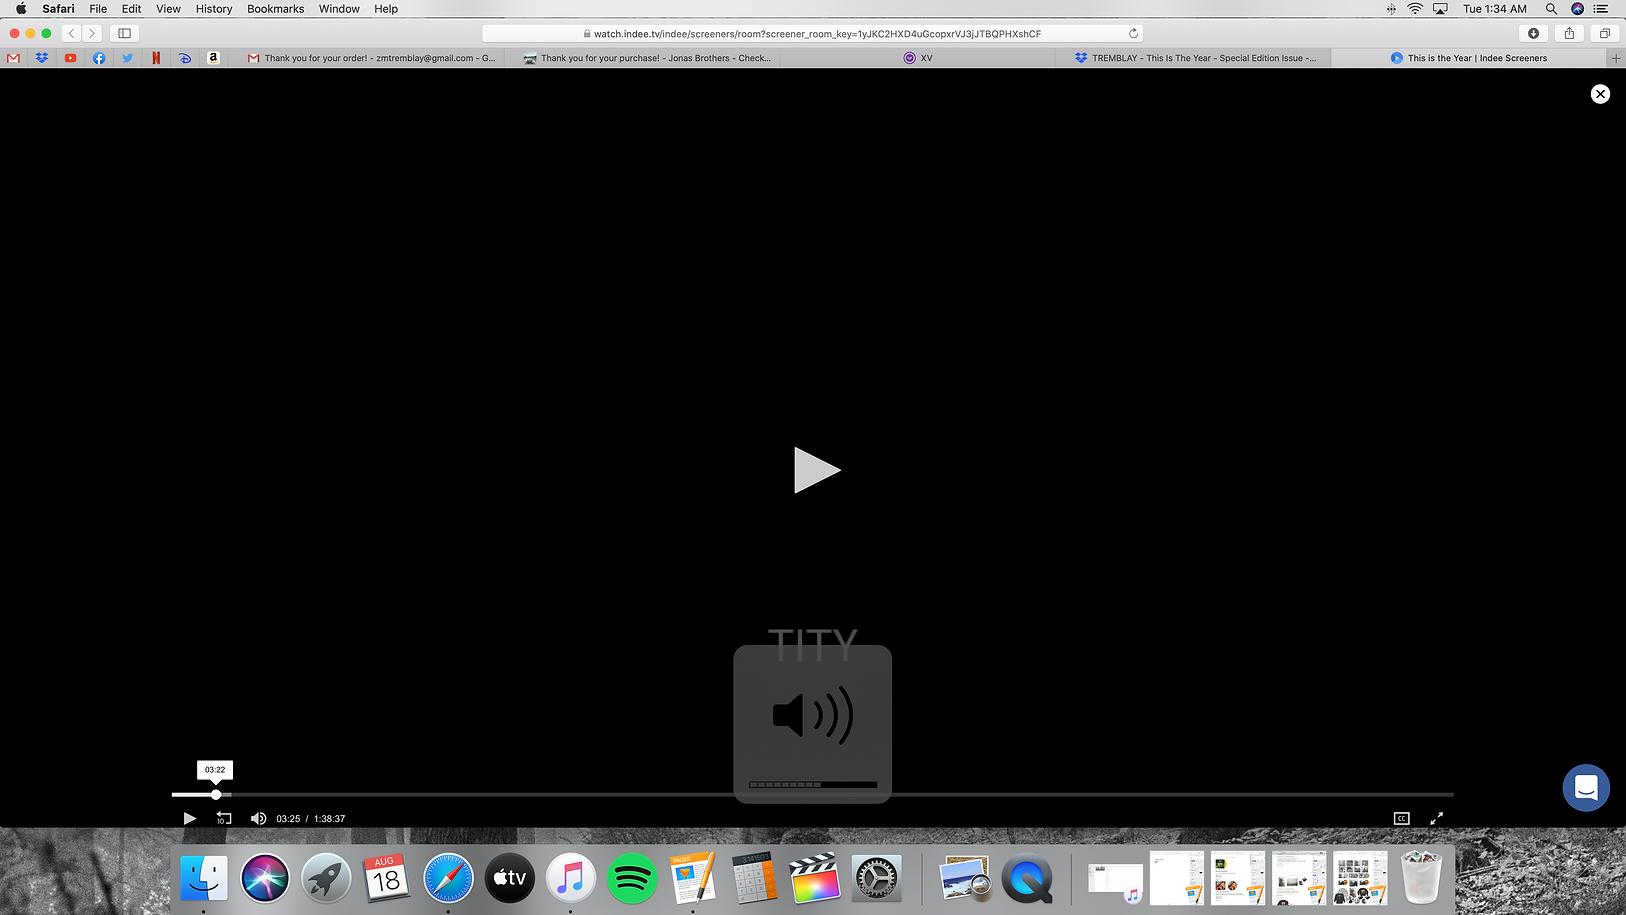 Screen Shot 2020-08-18 at 1.34.03 AM.png